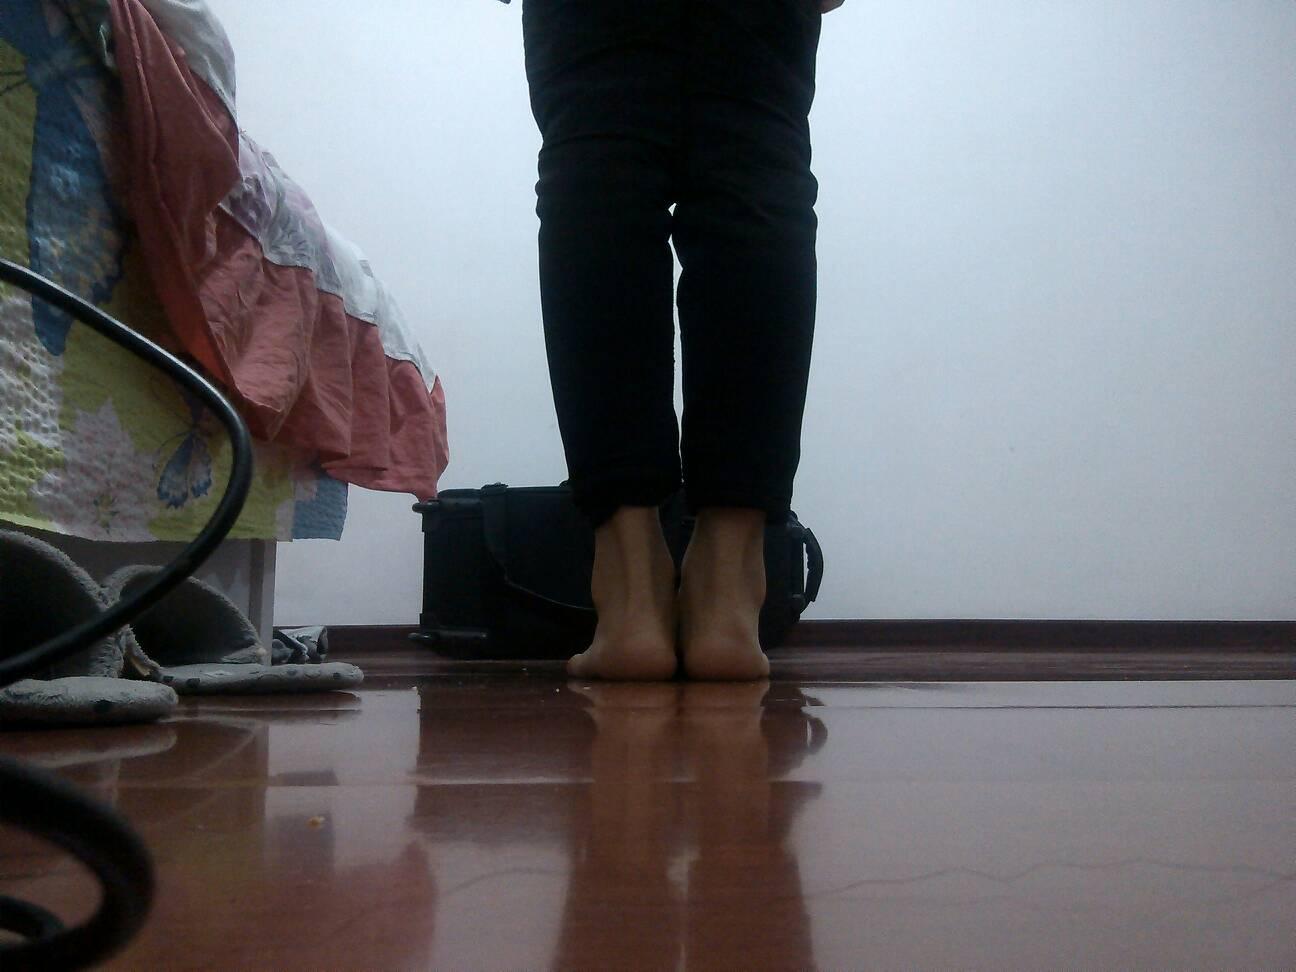 13岁女孩被脱衣服录 女孩长腿破纪录 女孩录音